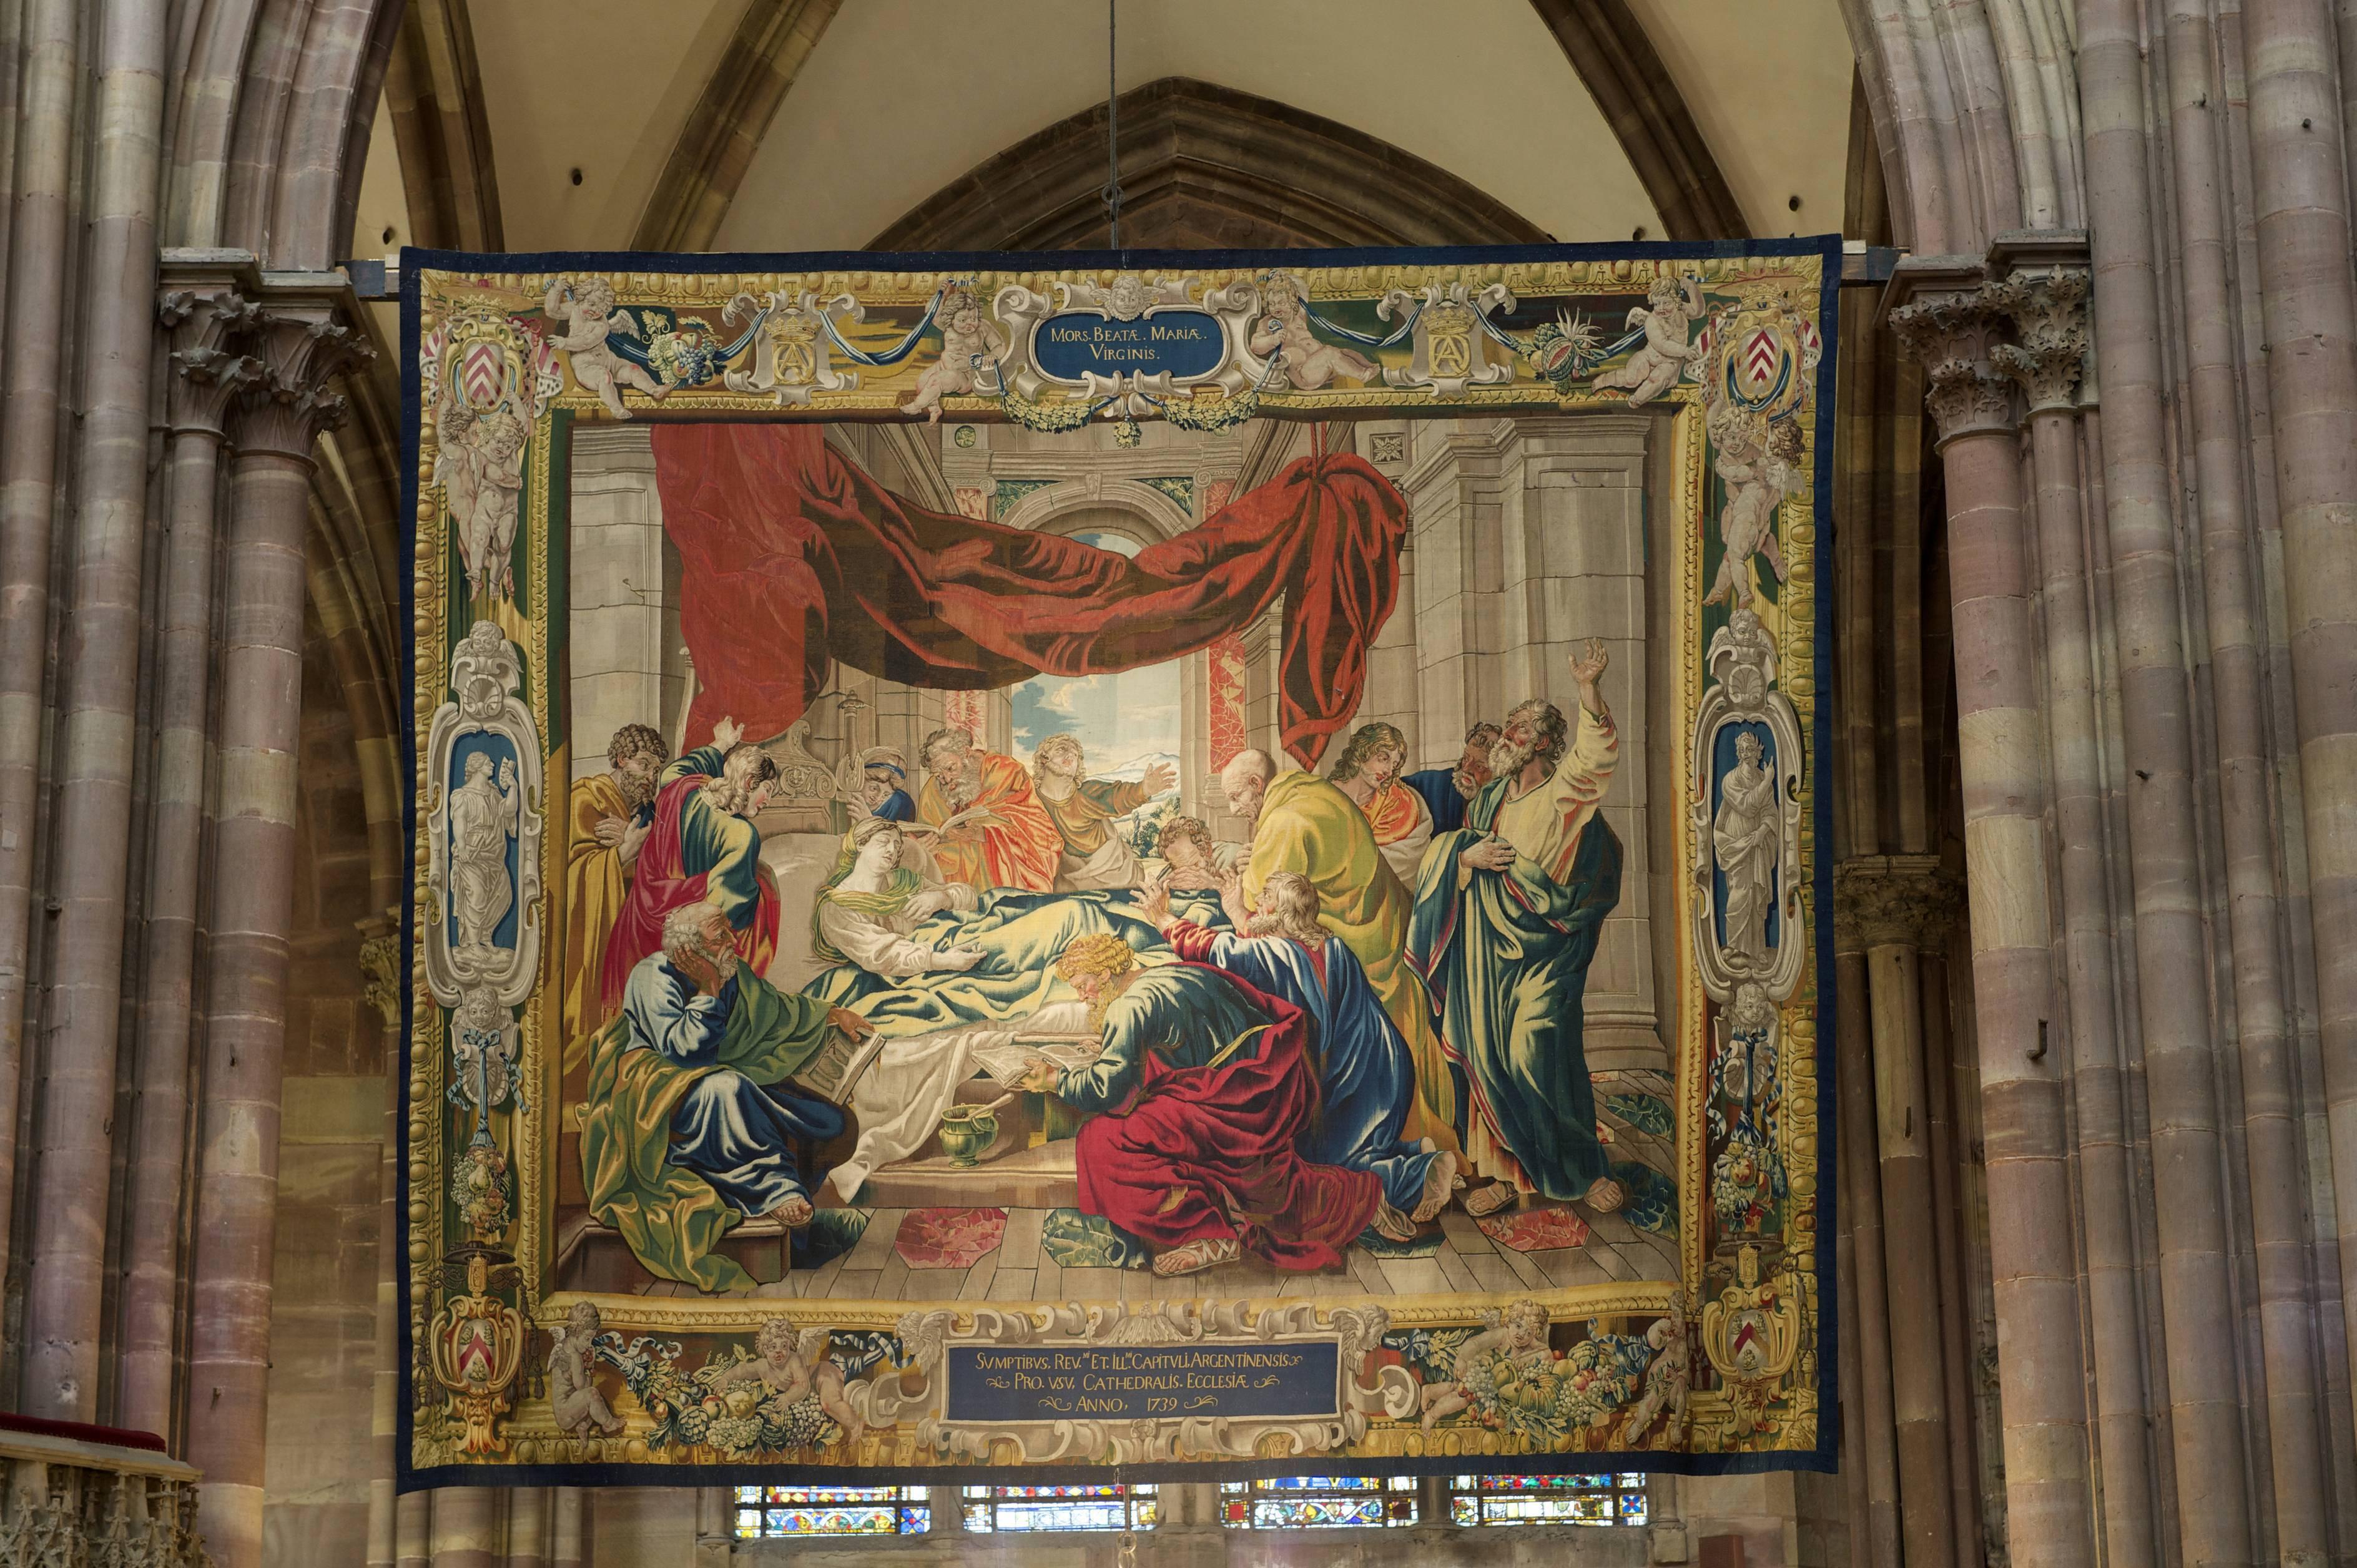 tapisserie de la vierge de la vierge à Strasbourg